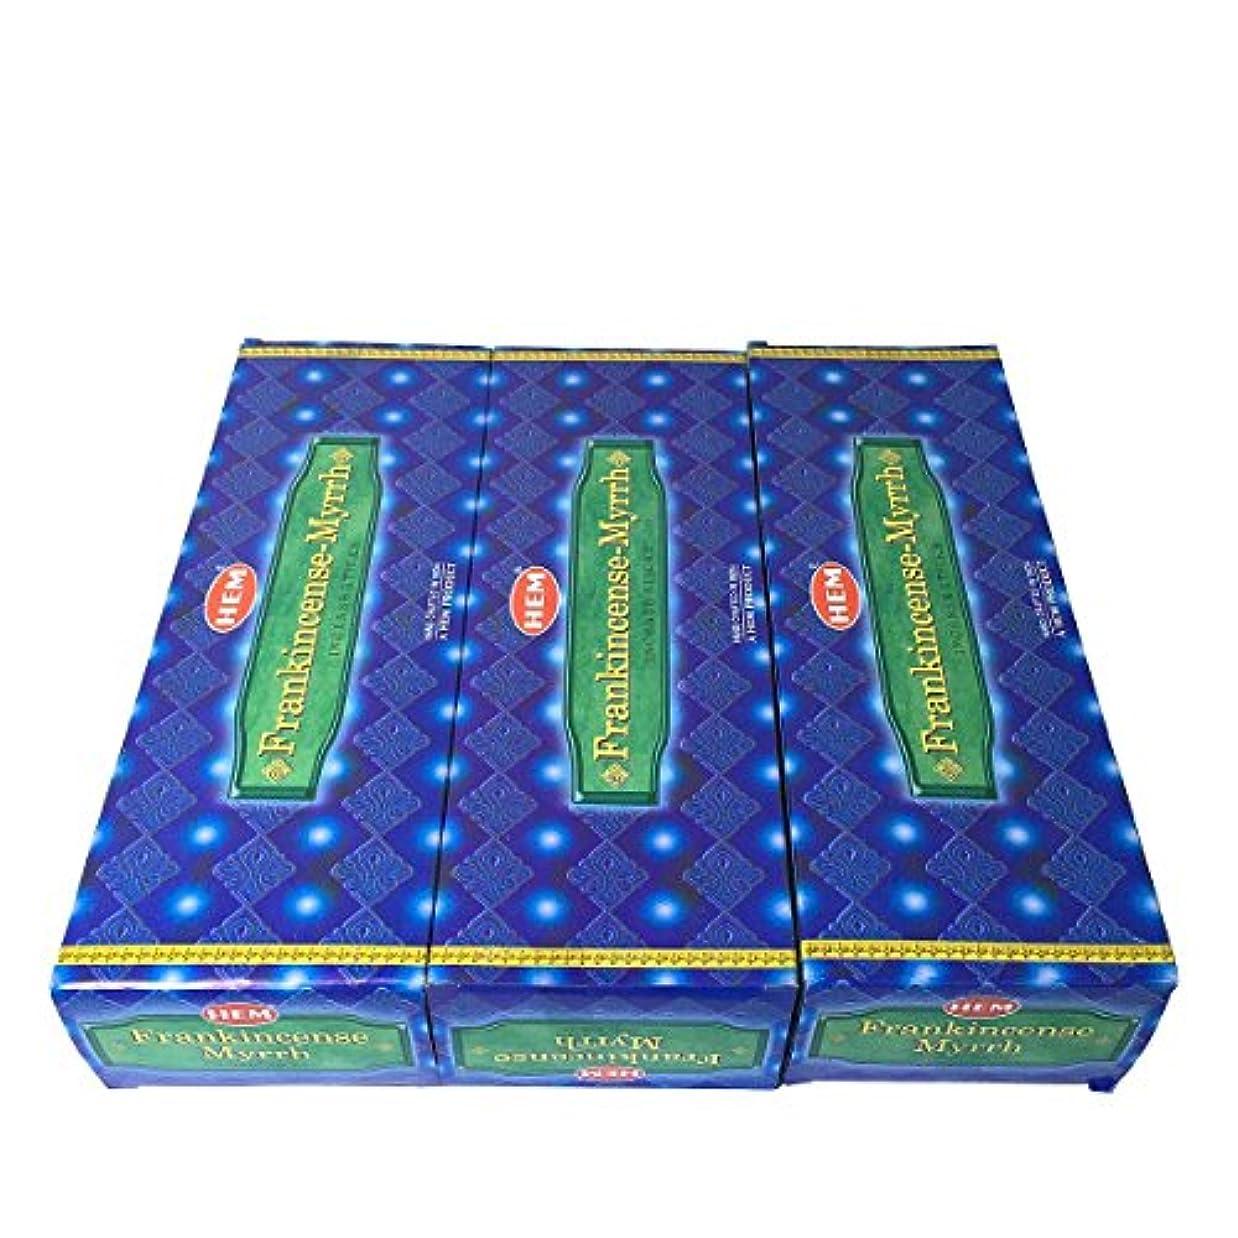 狂う恥ずかしい実行可能フランキンセンス ミルラ香スティック 3BOX(18箱) /HEM FRANKINCENSE MYRRH/インセンス/インド香 お香 [並行輸入品]